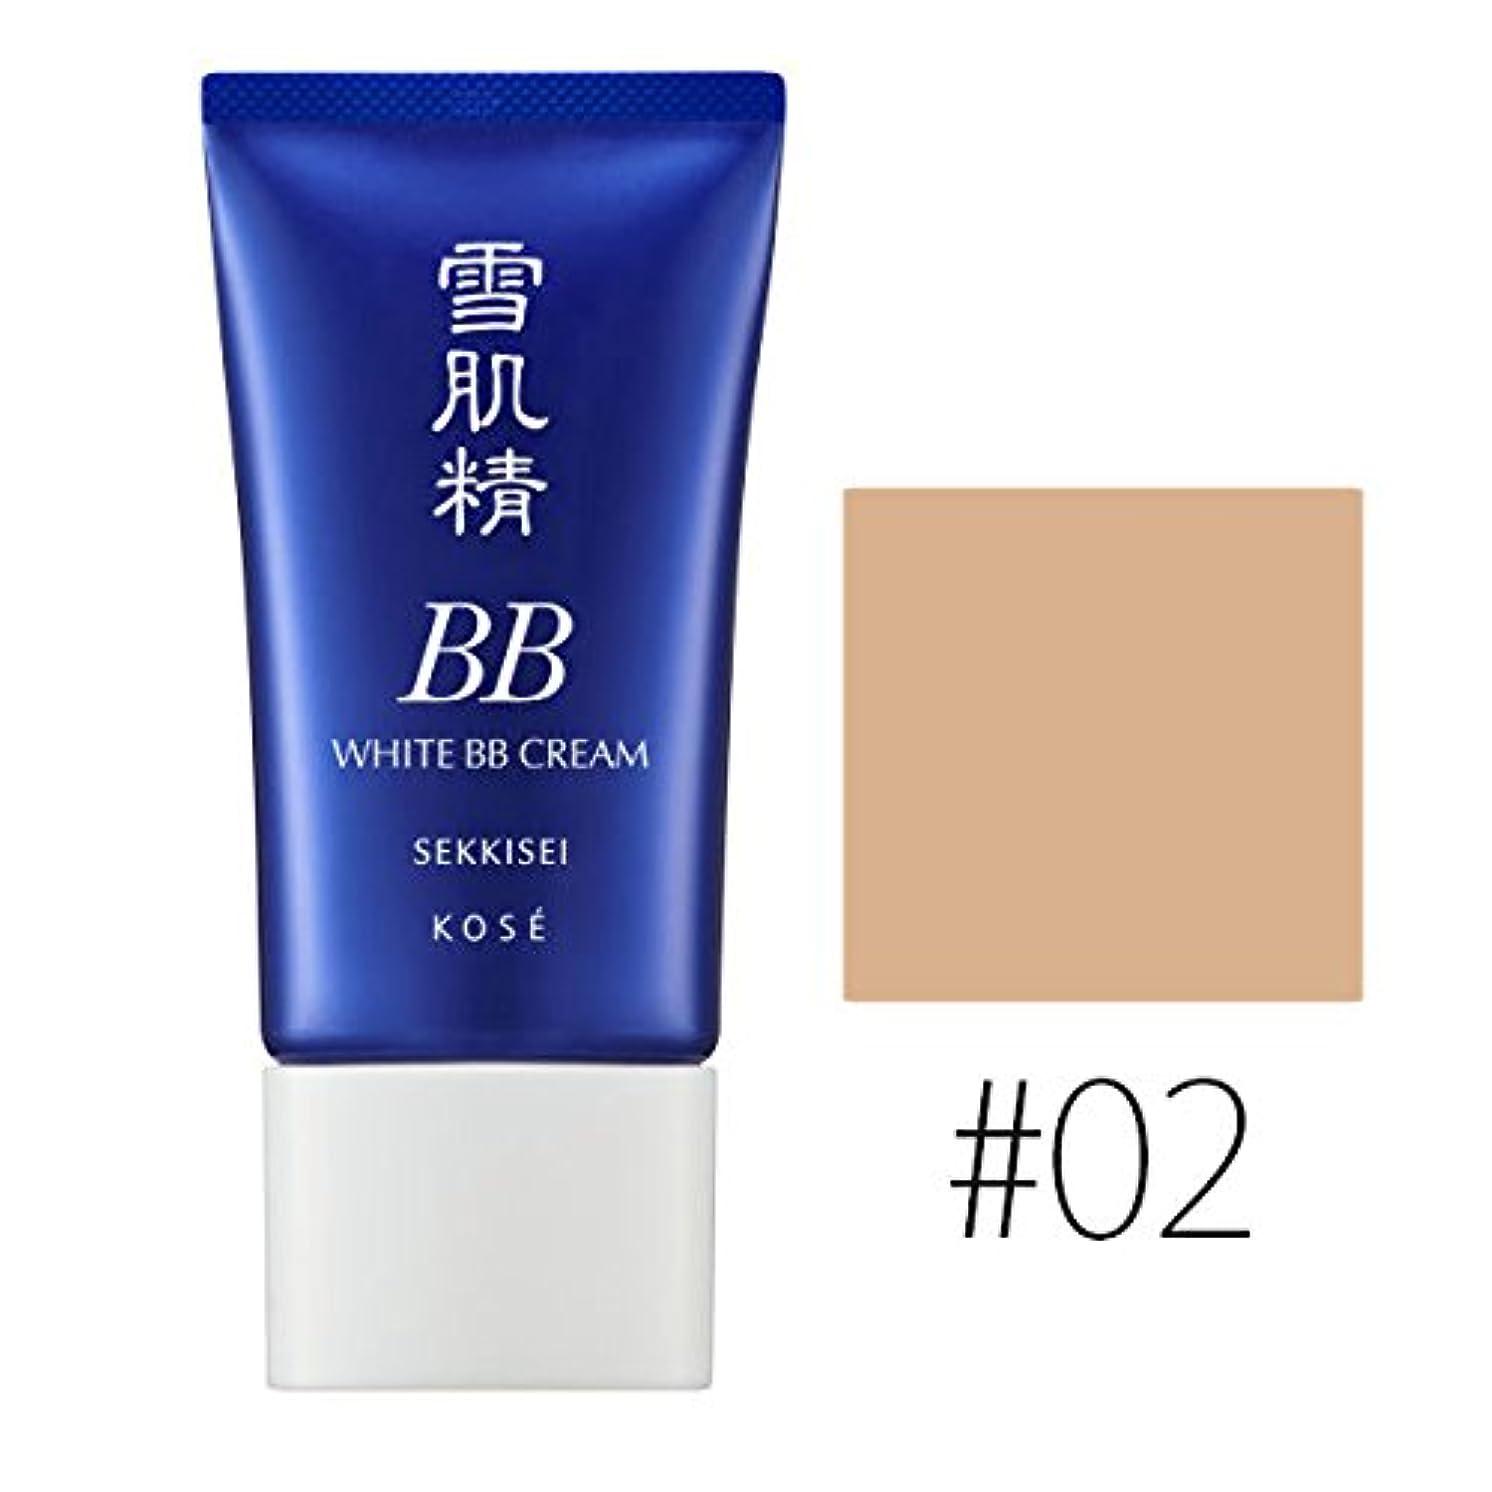 耐えられない促進する粉砕するコーセー 雪肌精 ホワイト BBクリーム【#02】 #OCHRE SPF40/PA+++ 30g